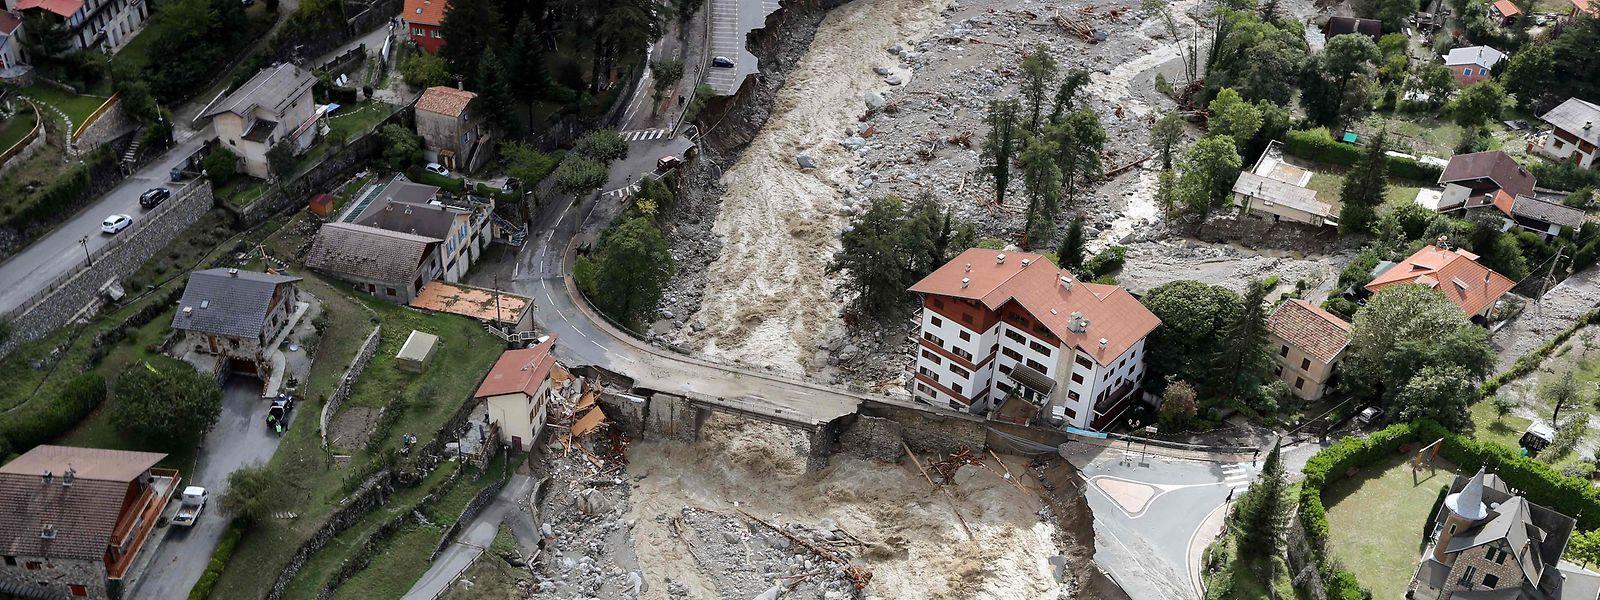 Diese Luftaufnahme zeigt die Schäden, die von schweren Regenfällen und Überschwemmungen verursacht wurden. Nach Unwettern und Überschwemmungen in der Region der südfranzösischen Metropole Nizza werden nach Medienberichten mindestens neun Menschen vermisst.